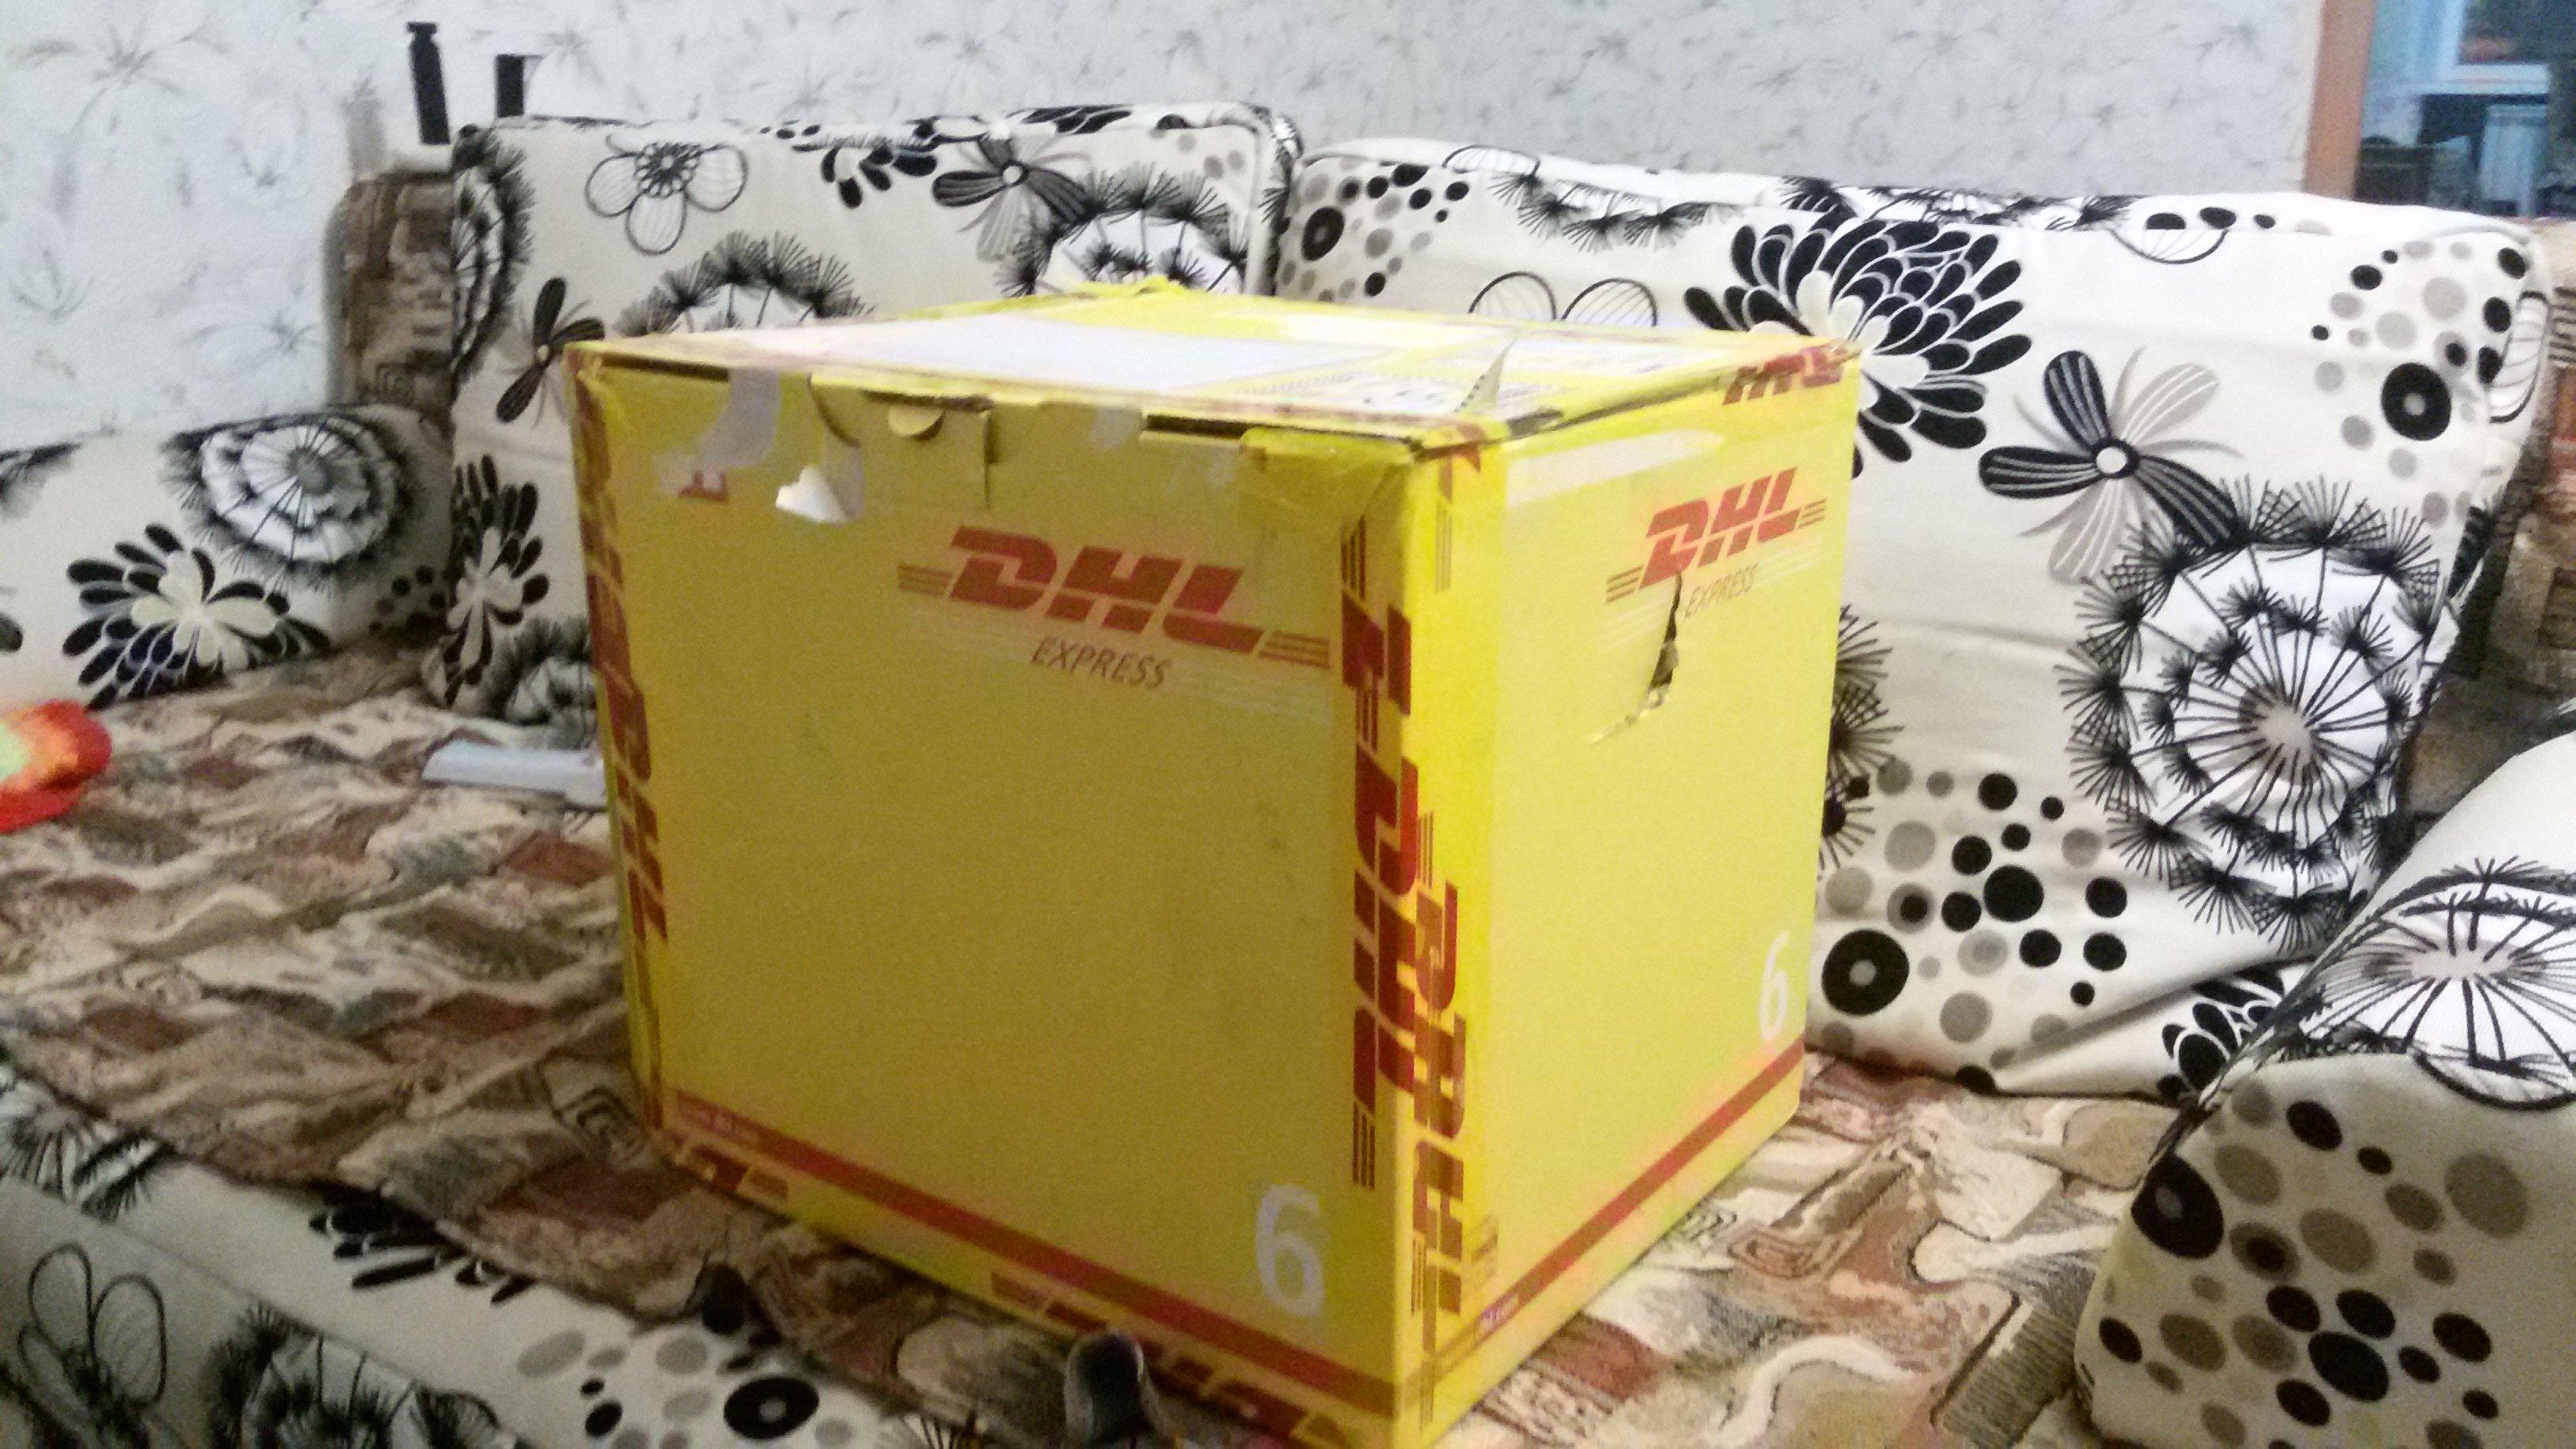 Внимание вопрос: Что находится в жёлтом ящике? - Изображение 1